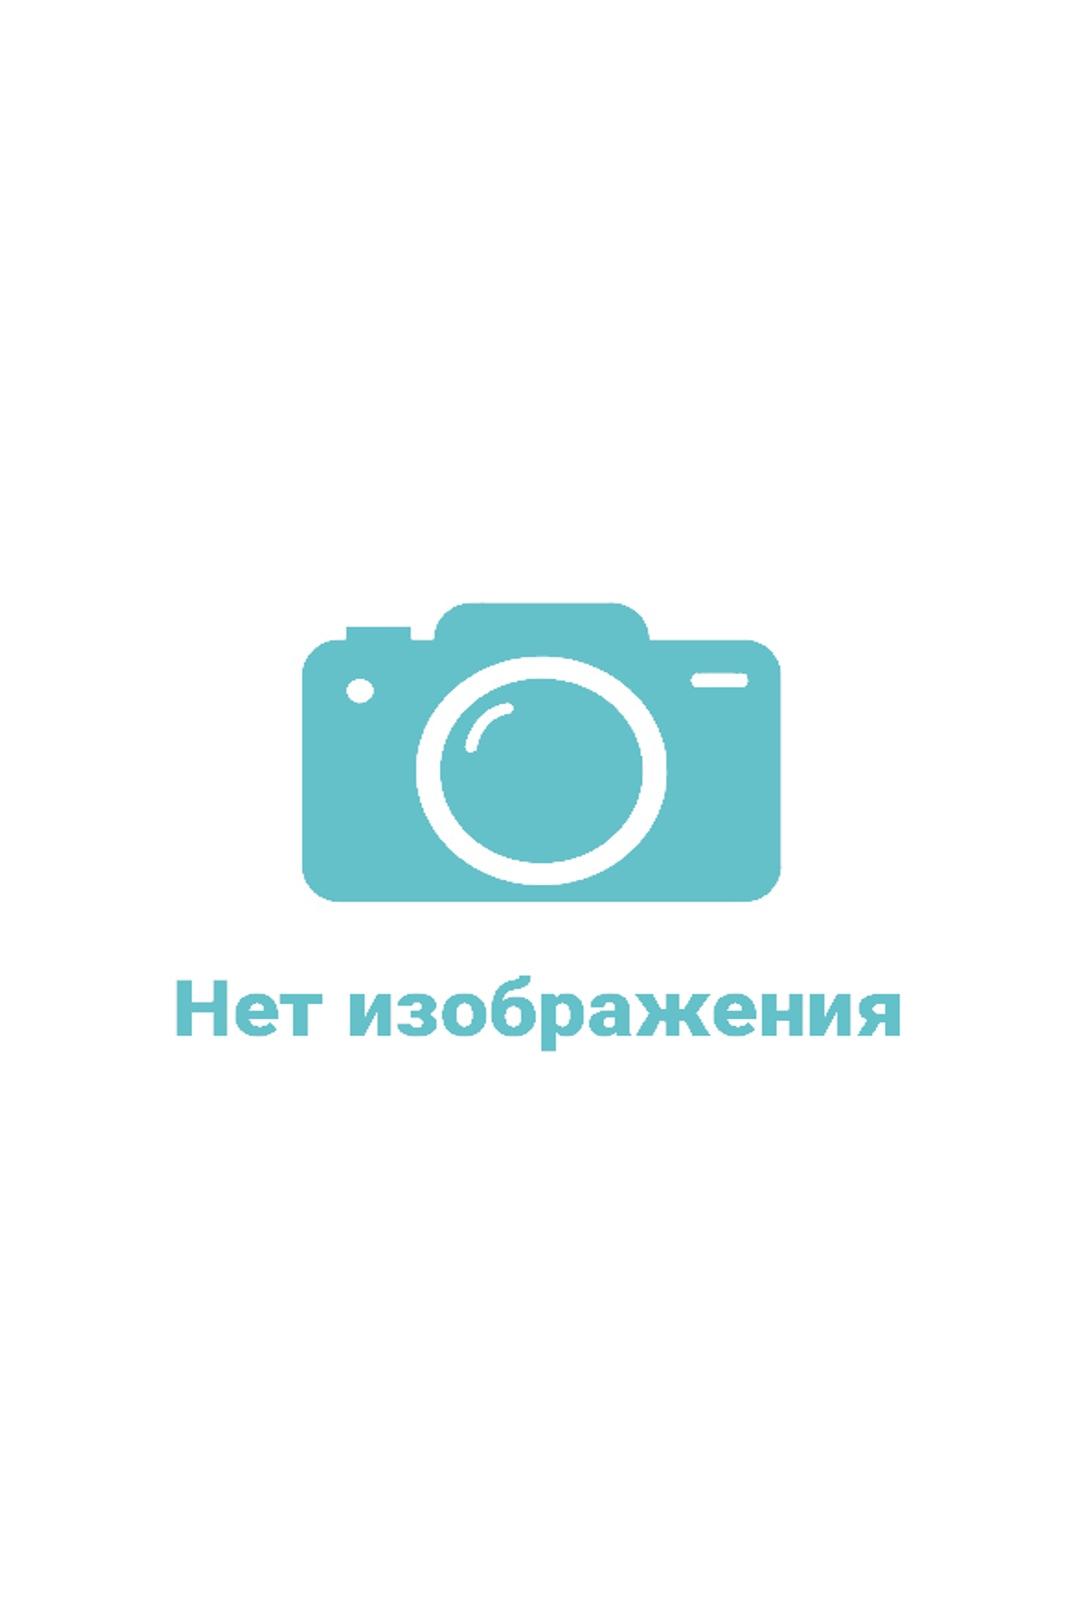 Врач психиатр Конина Ирина Васильевна